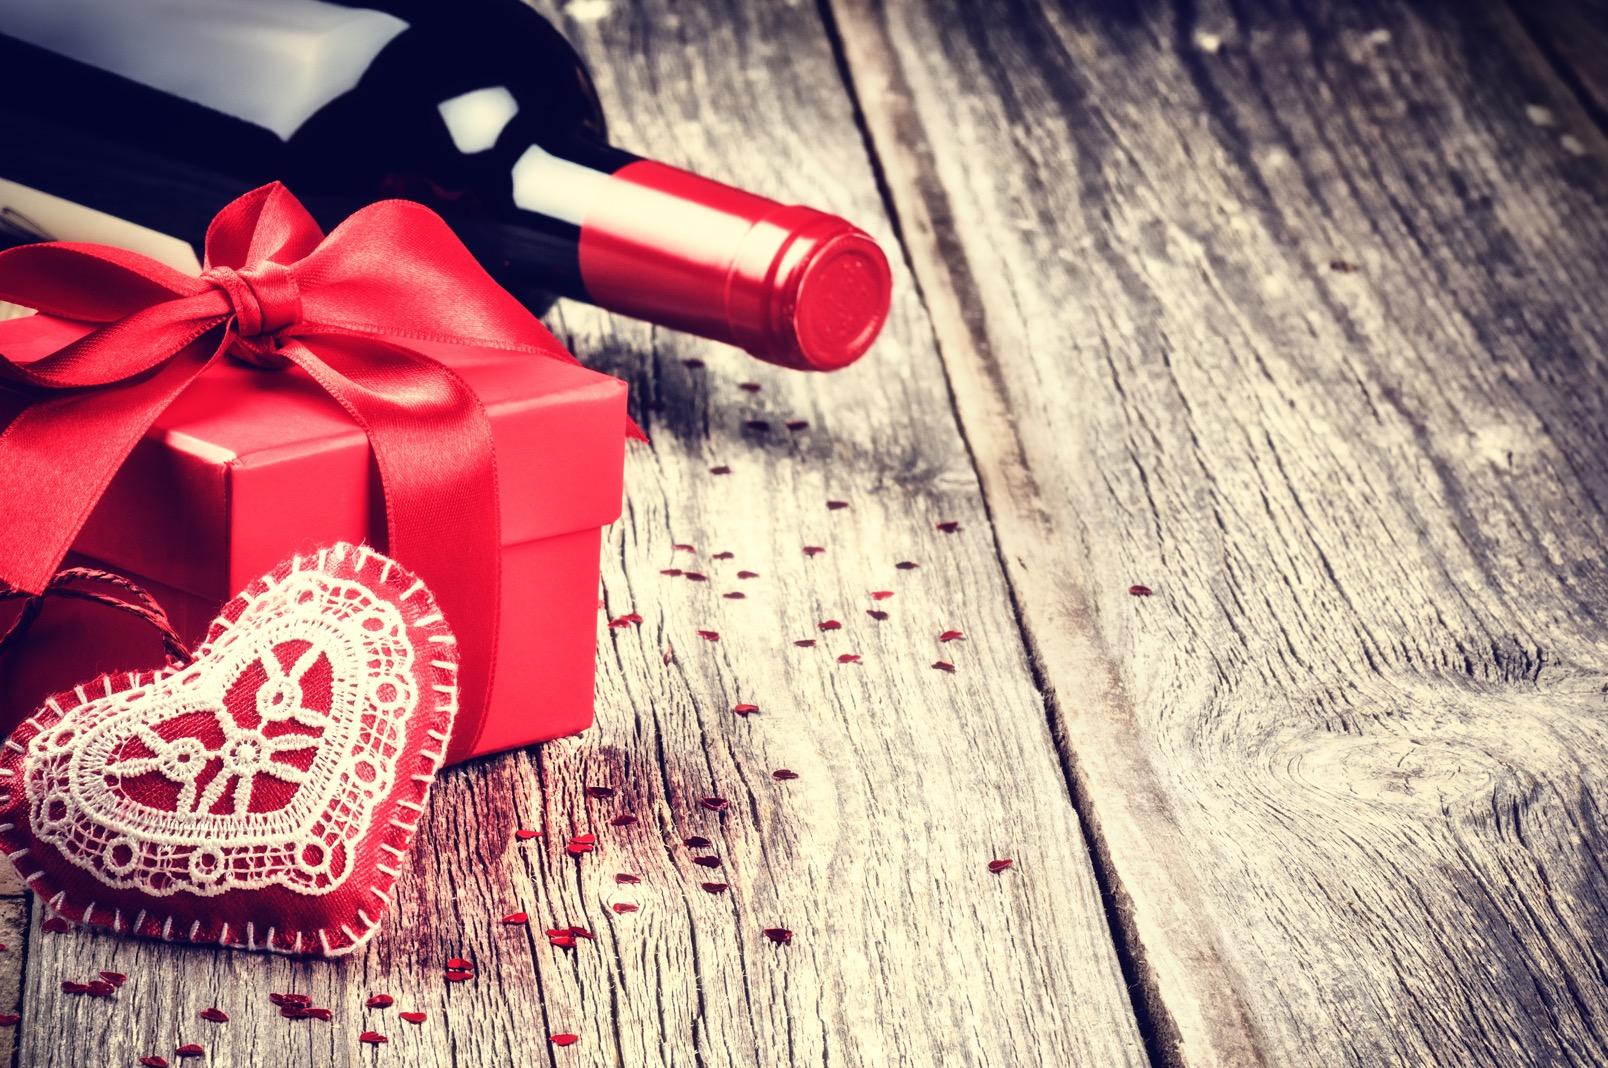 バレンタインにはワインを!贈るときのポイントとは?